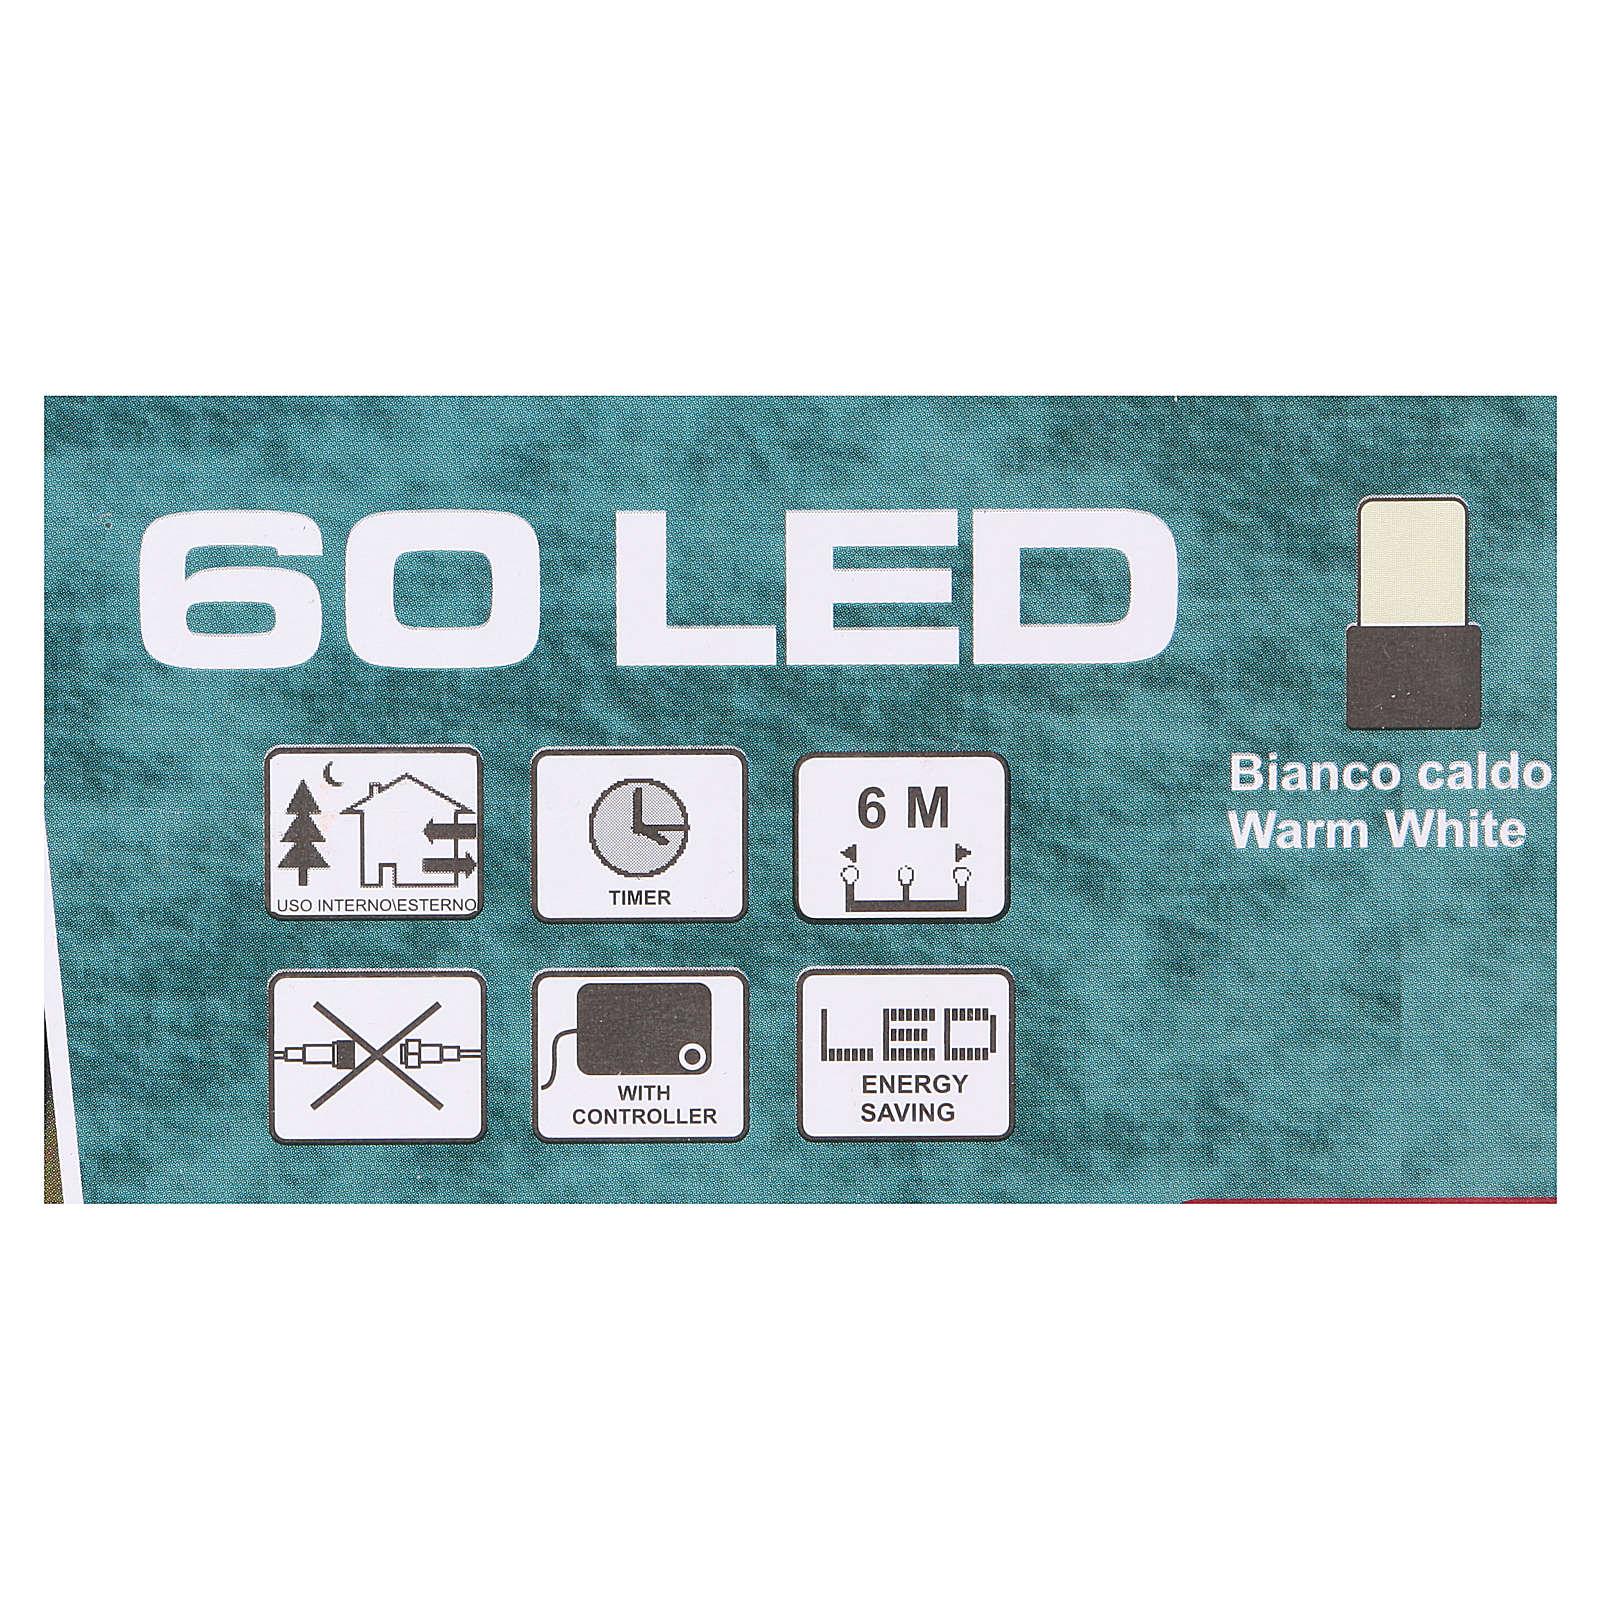 Luz de Navidad cadena verde 60 led blancos cálidos exterior batería 6 m 3